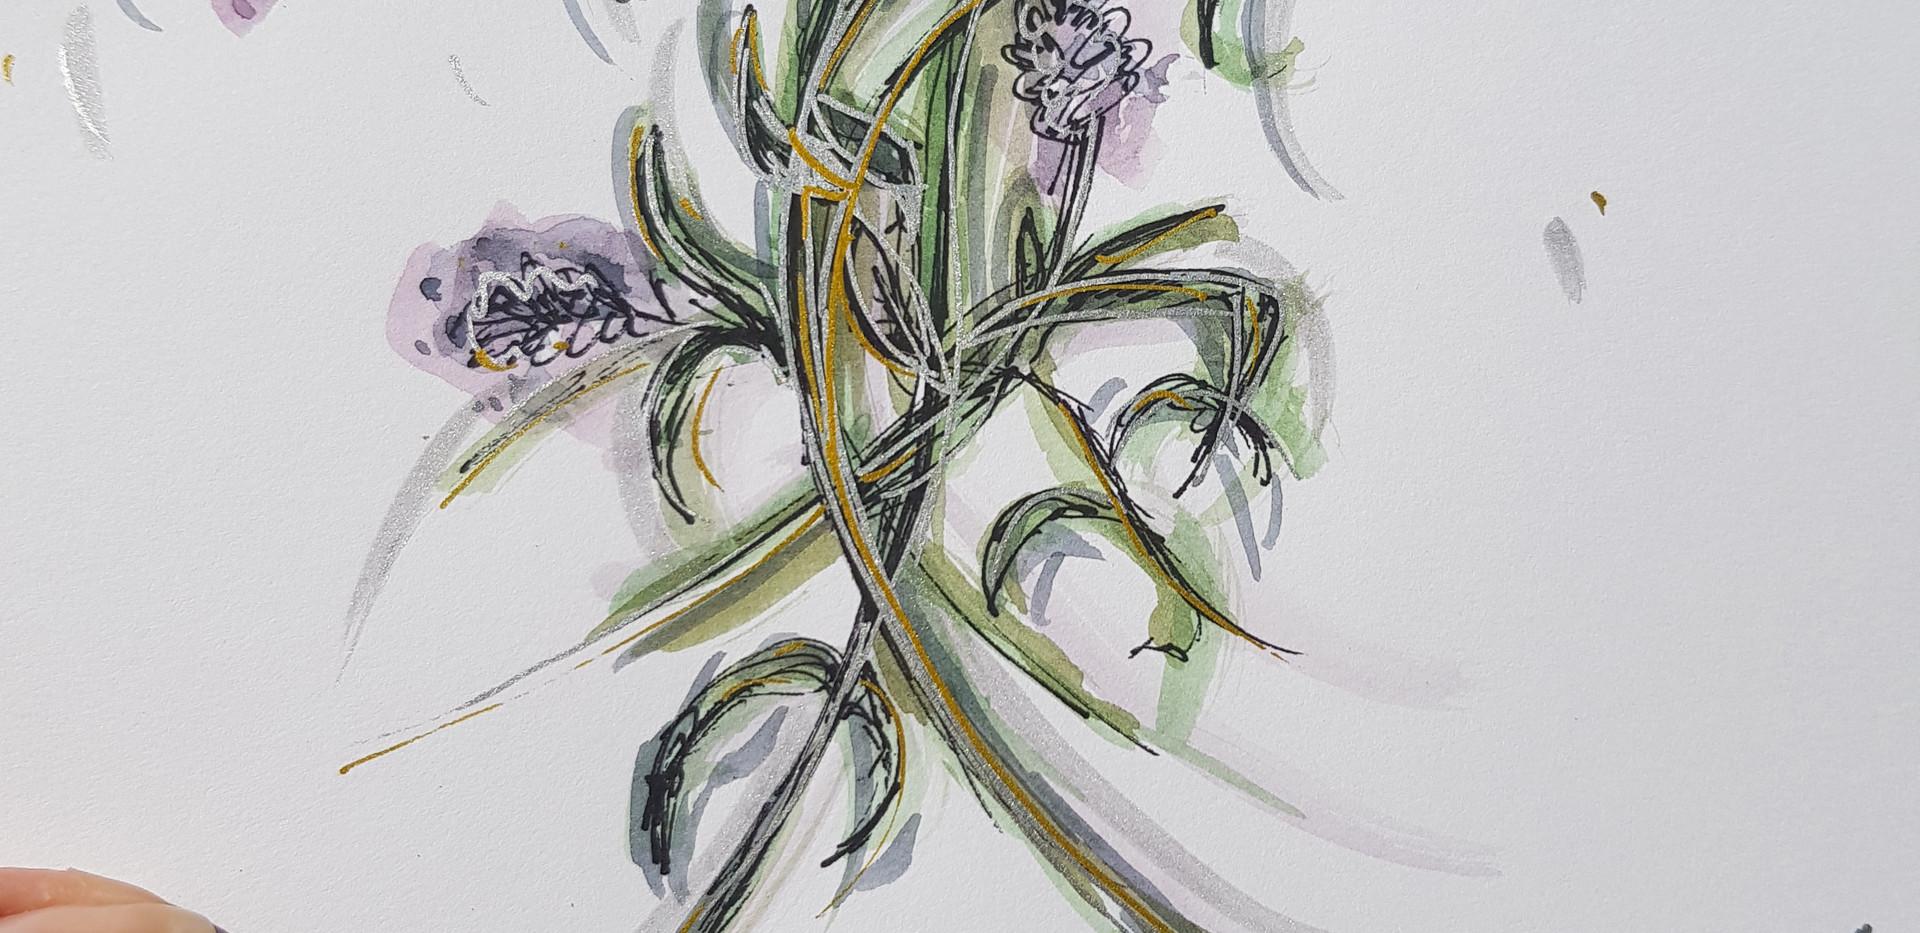 Lavender - For Sale